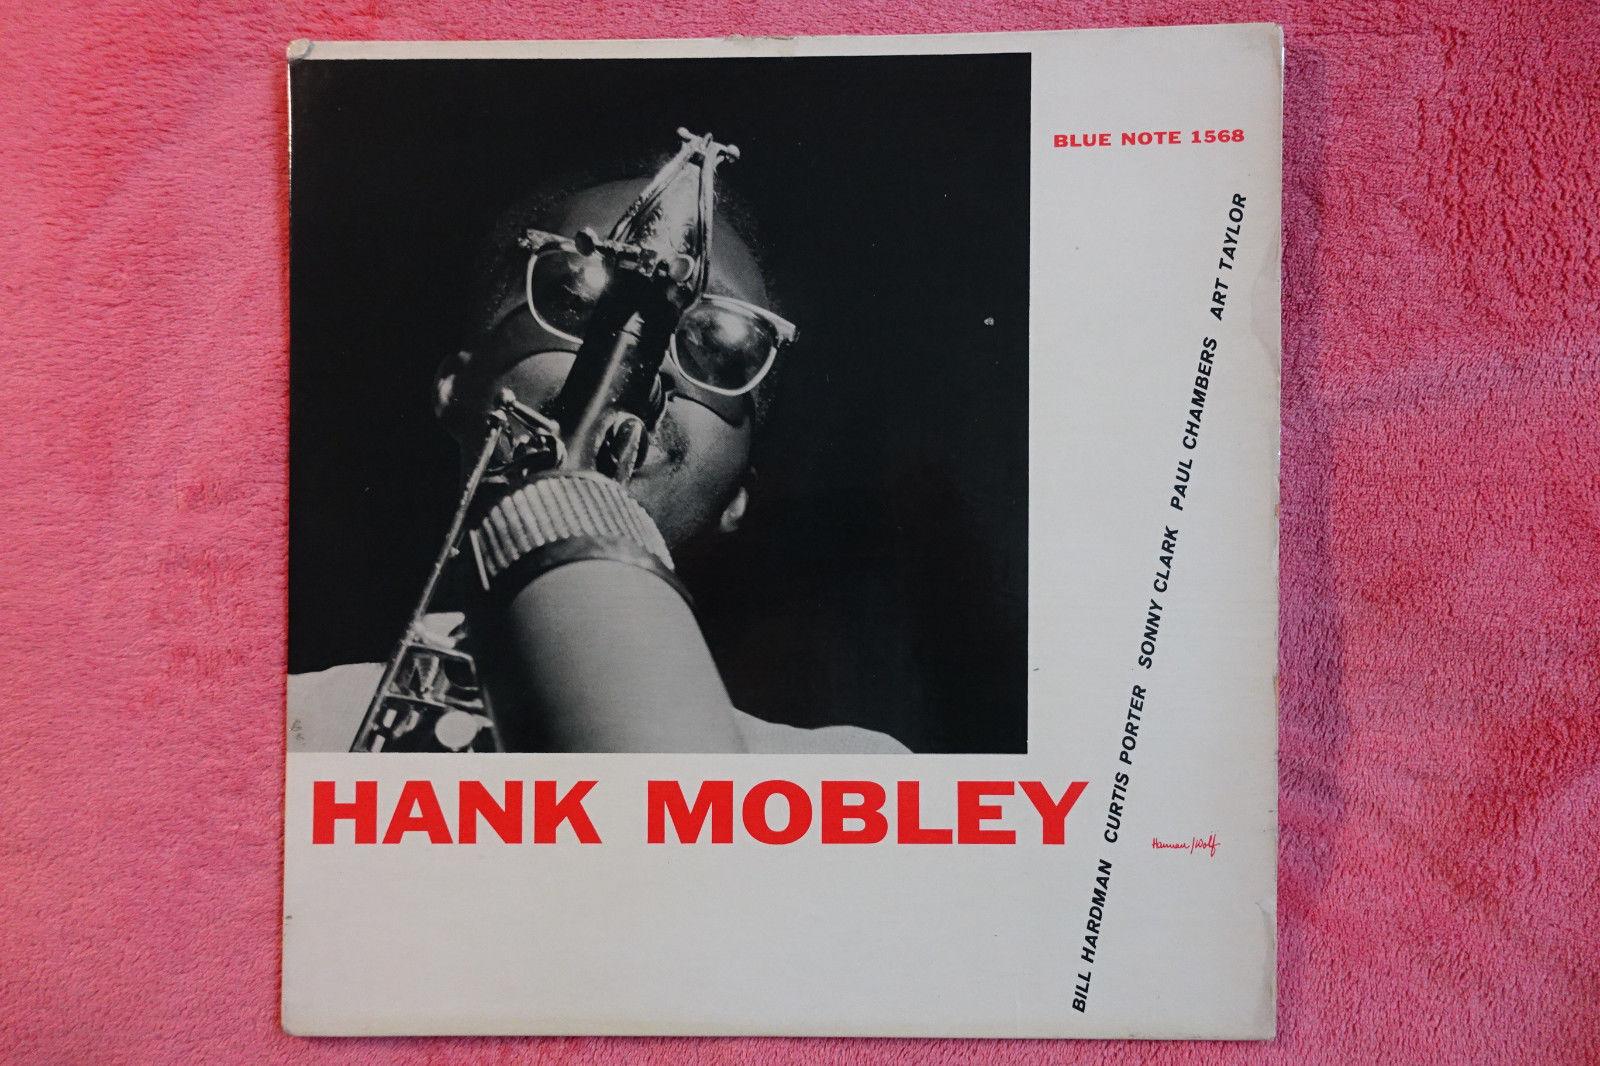 HANK MOBLEY 'SELF TITLE' , SIDE A: NYC,  SIDE B: NY 23. PROMOTION COPY. BLP 1568